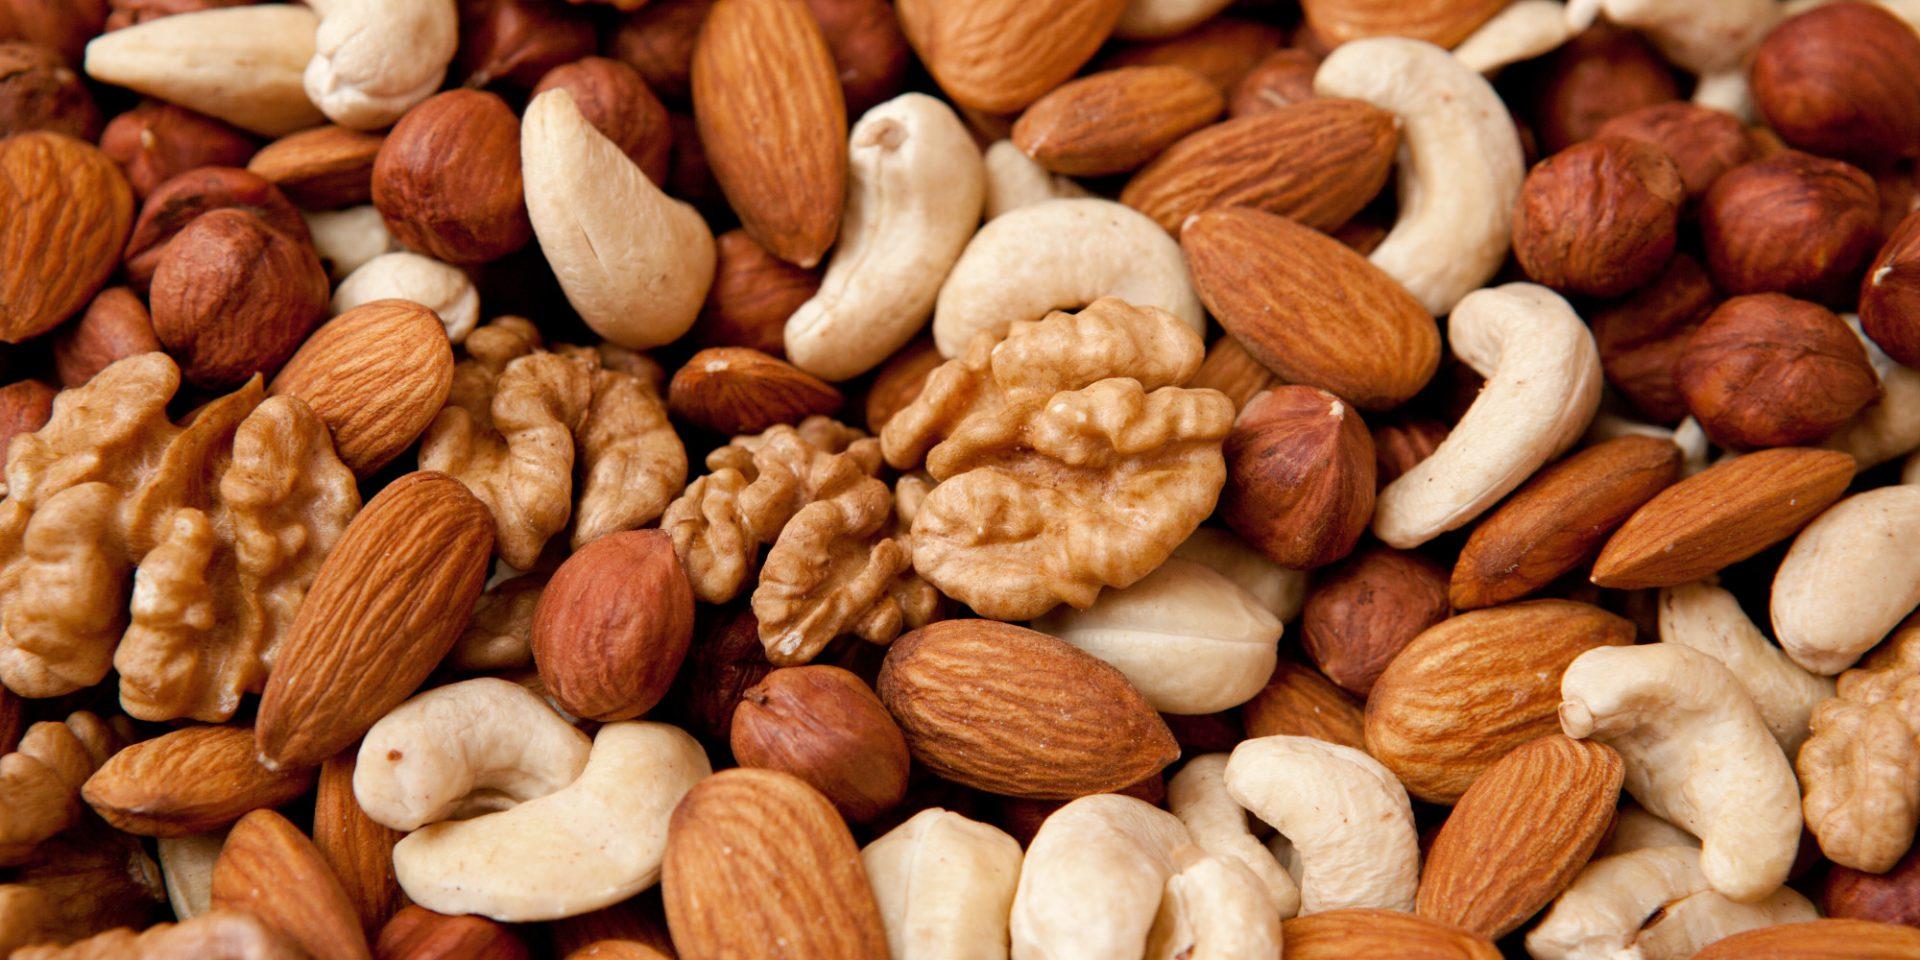 مزایای خوردن مغزها برای سلامتی